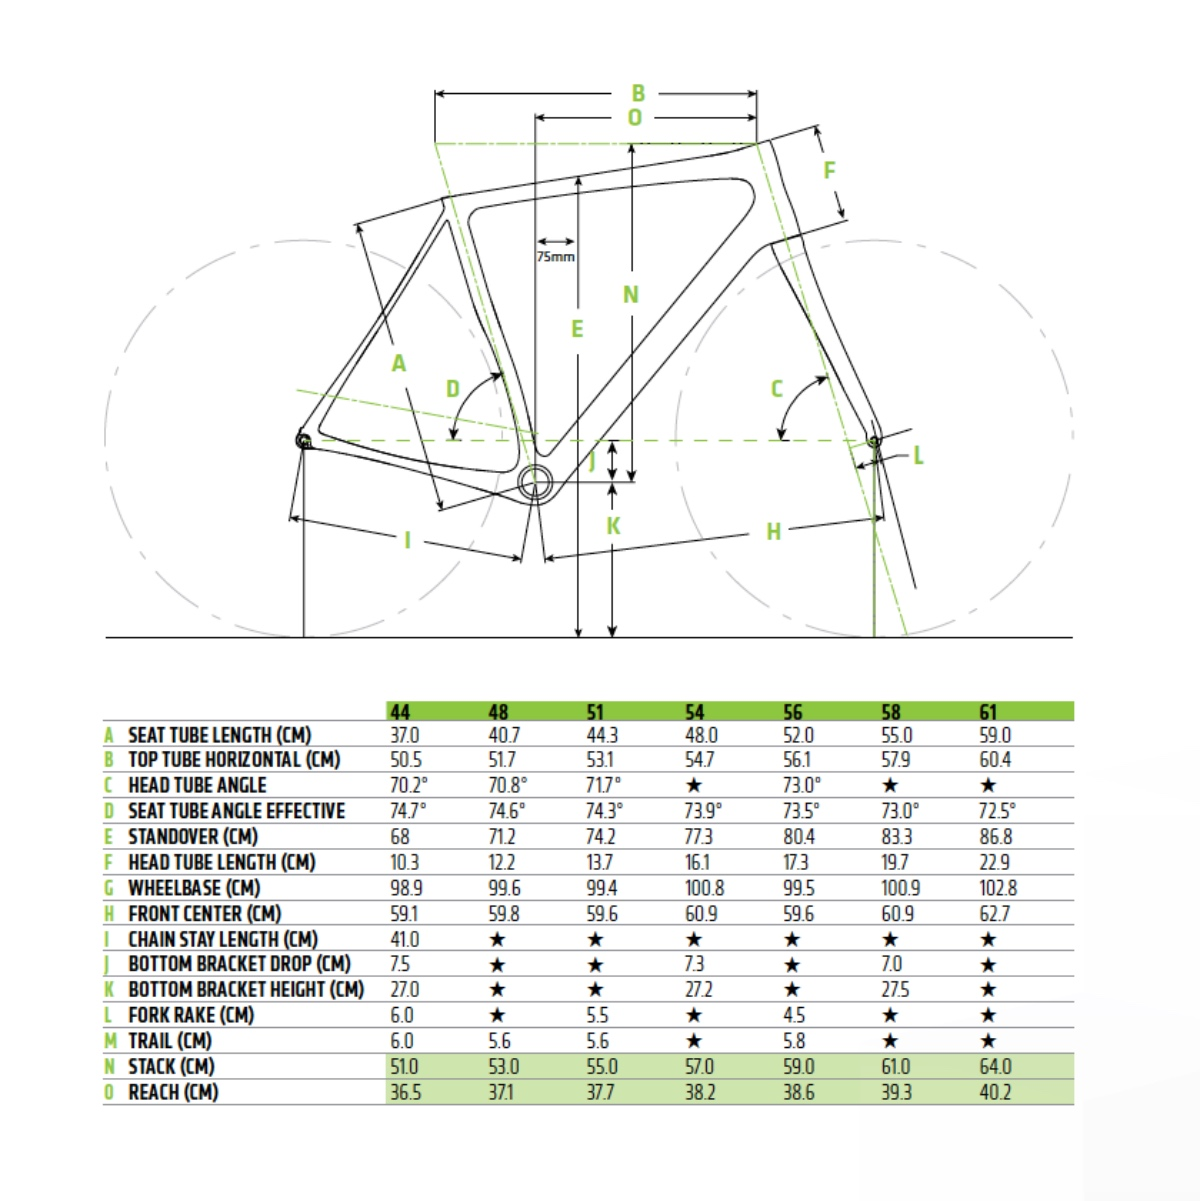 Cannondale Synapse Hi-Mod Disc Dura Ace Di2 Review